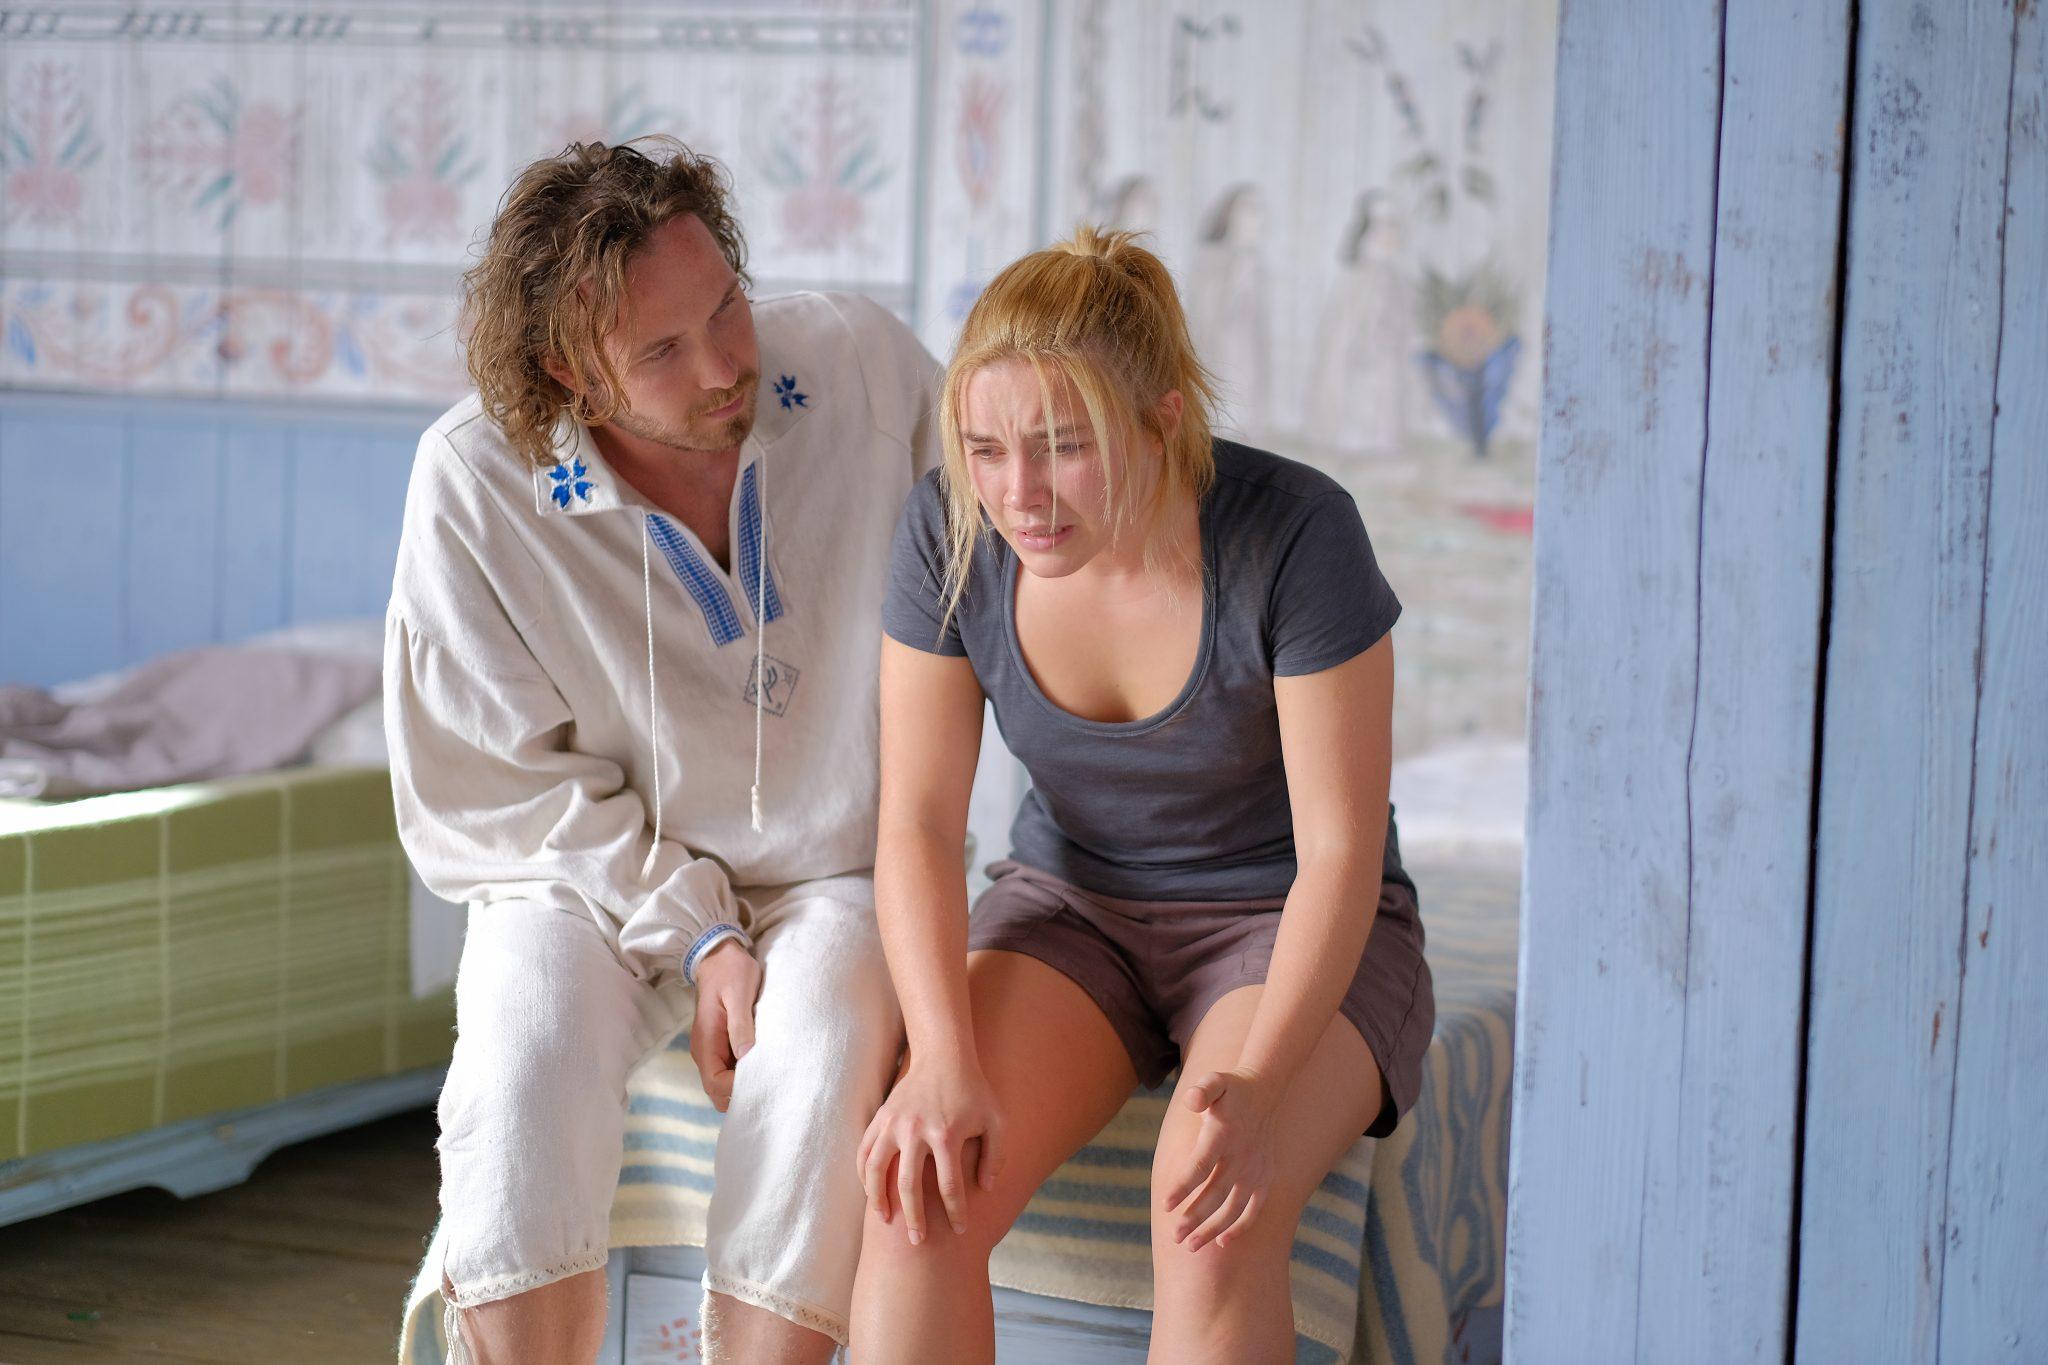 Dani (Florence Pugh) sitzt mit schmerzverzerrtem Gesicht auf der Bettkante, ein junger Mann im altertümlichen Gewand spendet Trost. Szenenbild aus Midsommar, einem der besten A24-Filme.